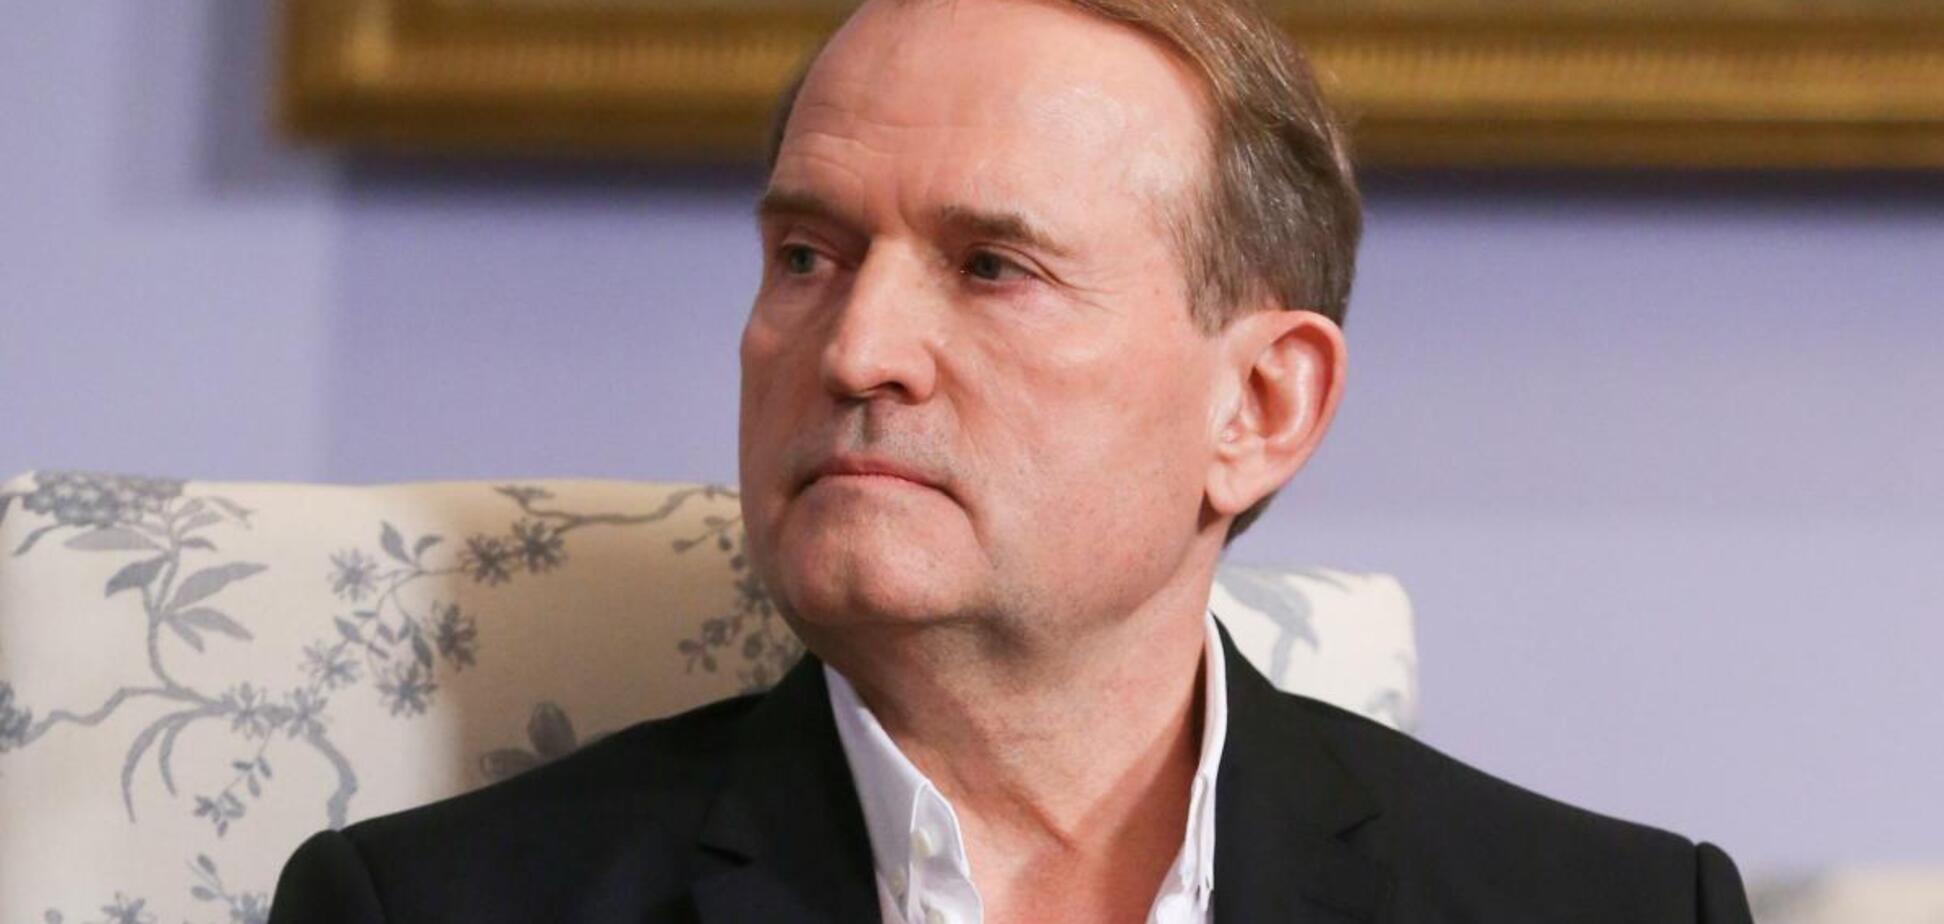 Медведчук прокомментировал решение суда о домашнем аресте